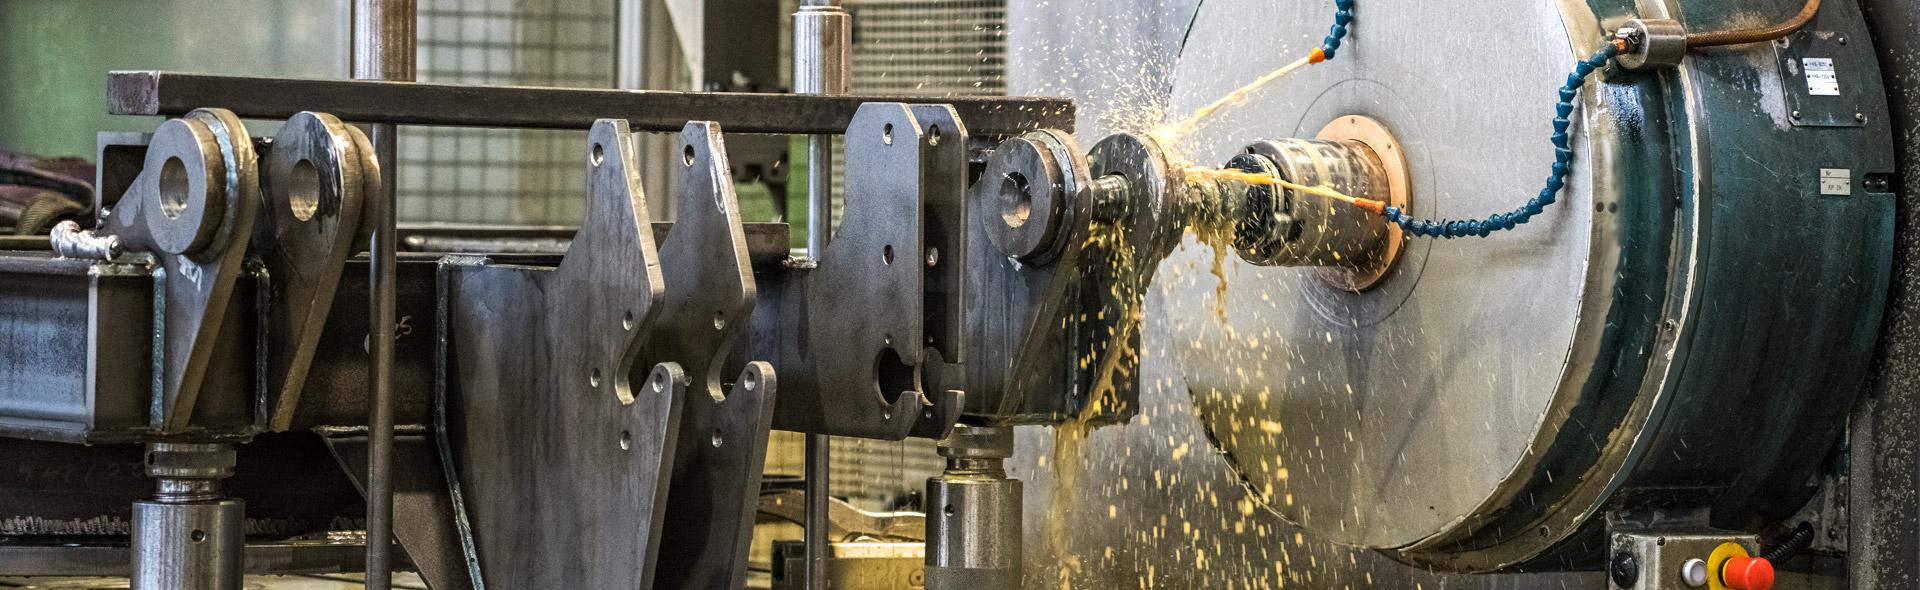 Bohrwerksarbeiten | Maschinenbau Mundil